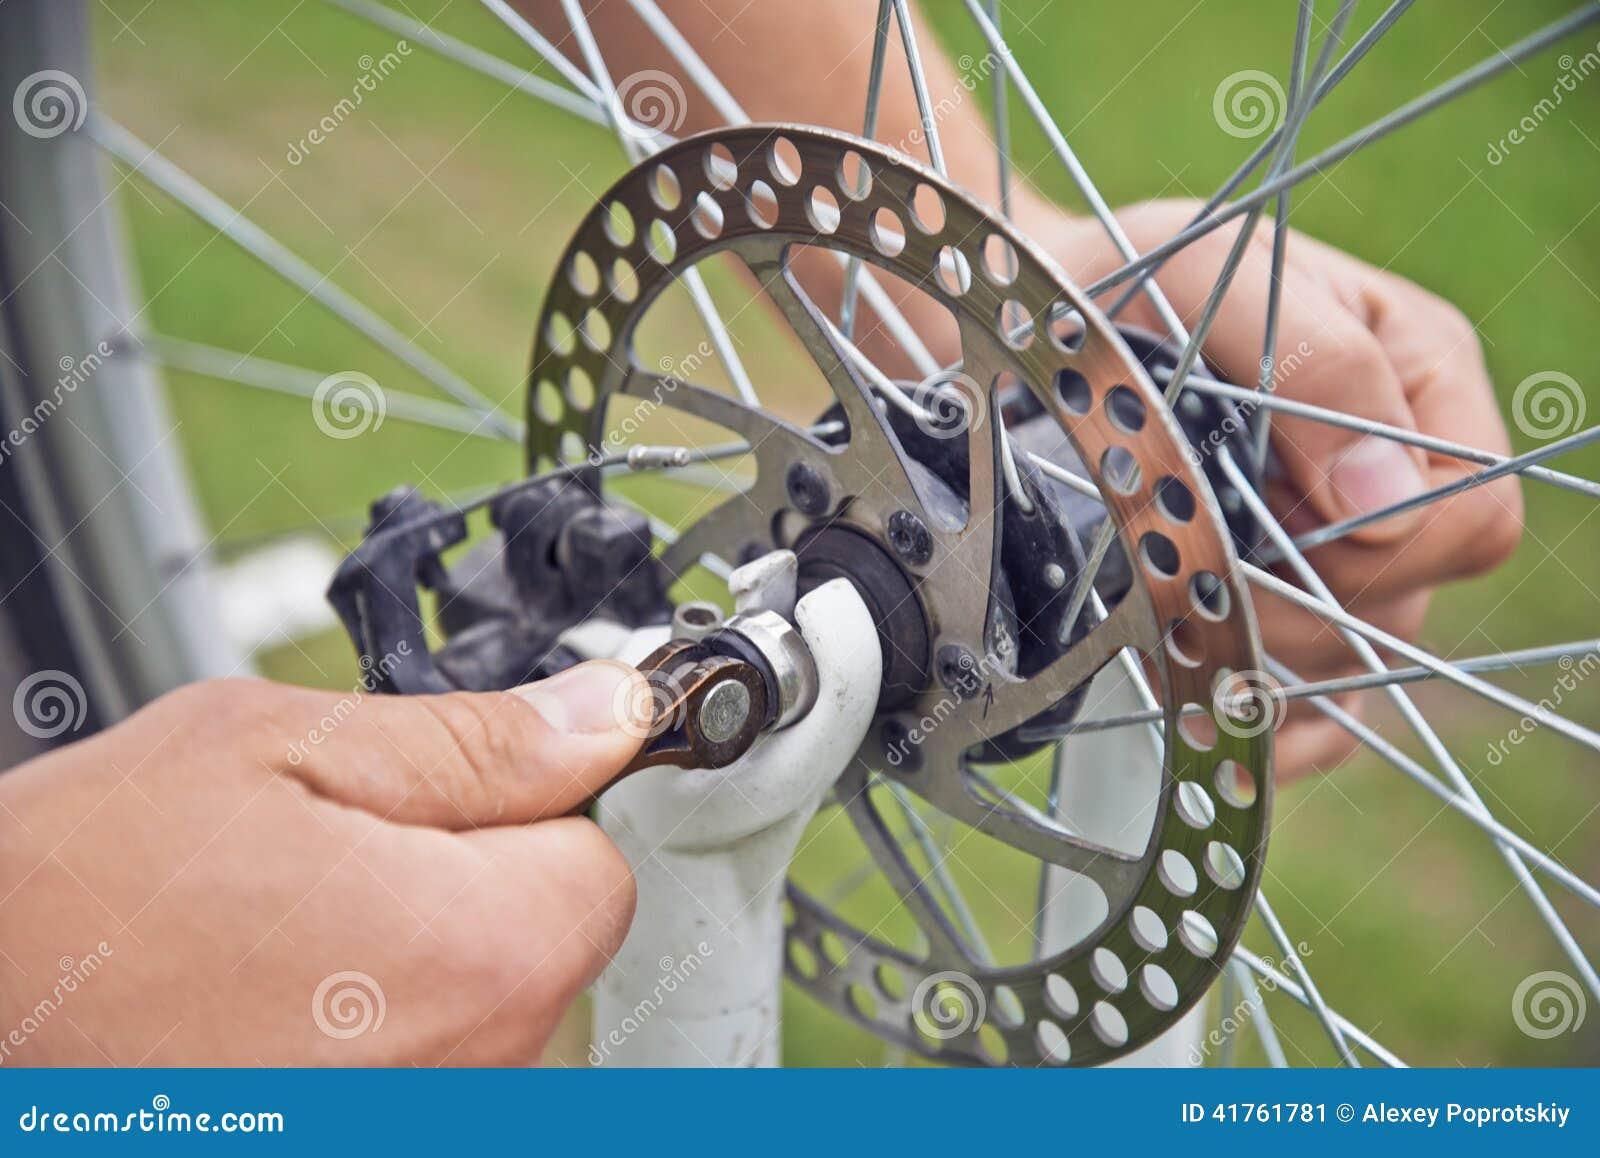 Велосипедист человека проверяет тормозное колесо велосипеда